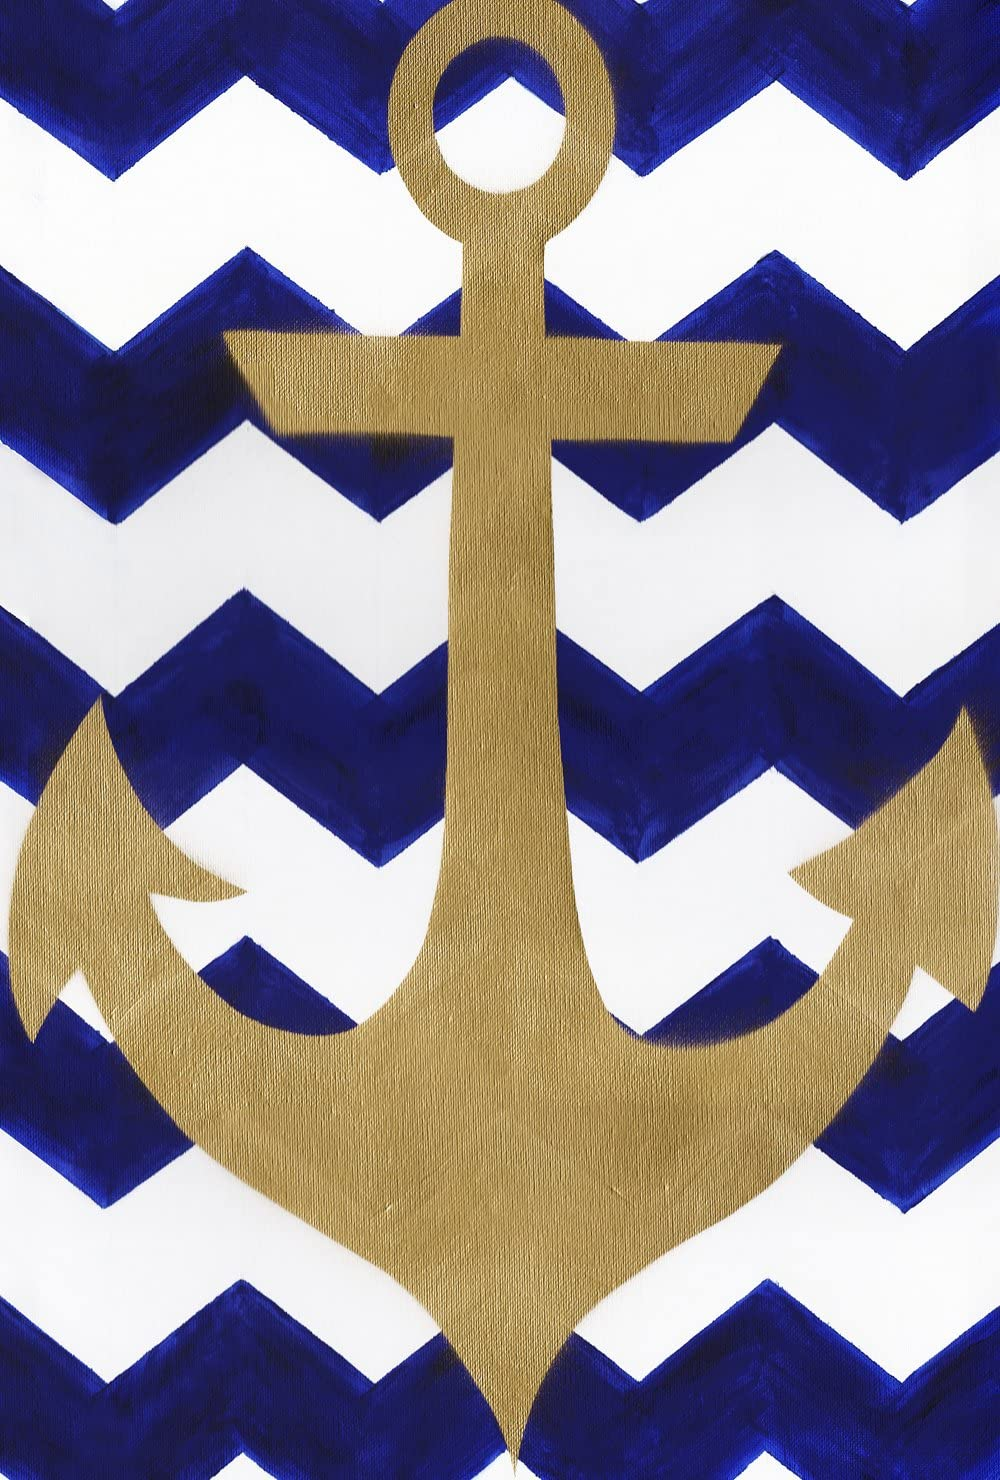 Toland Home Garden Chevron Anchor 12.5 x 18 Inch Decorative Blue Gold Nautical Pattern Garden Flag